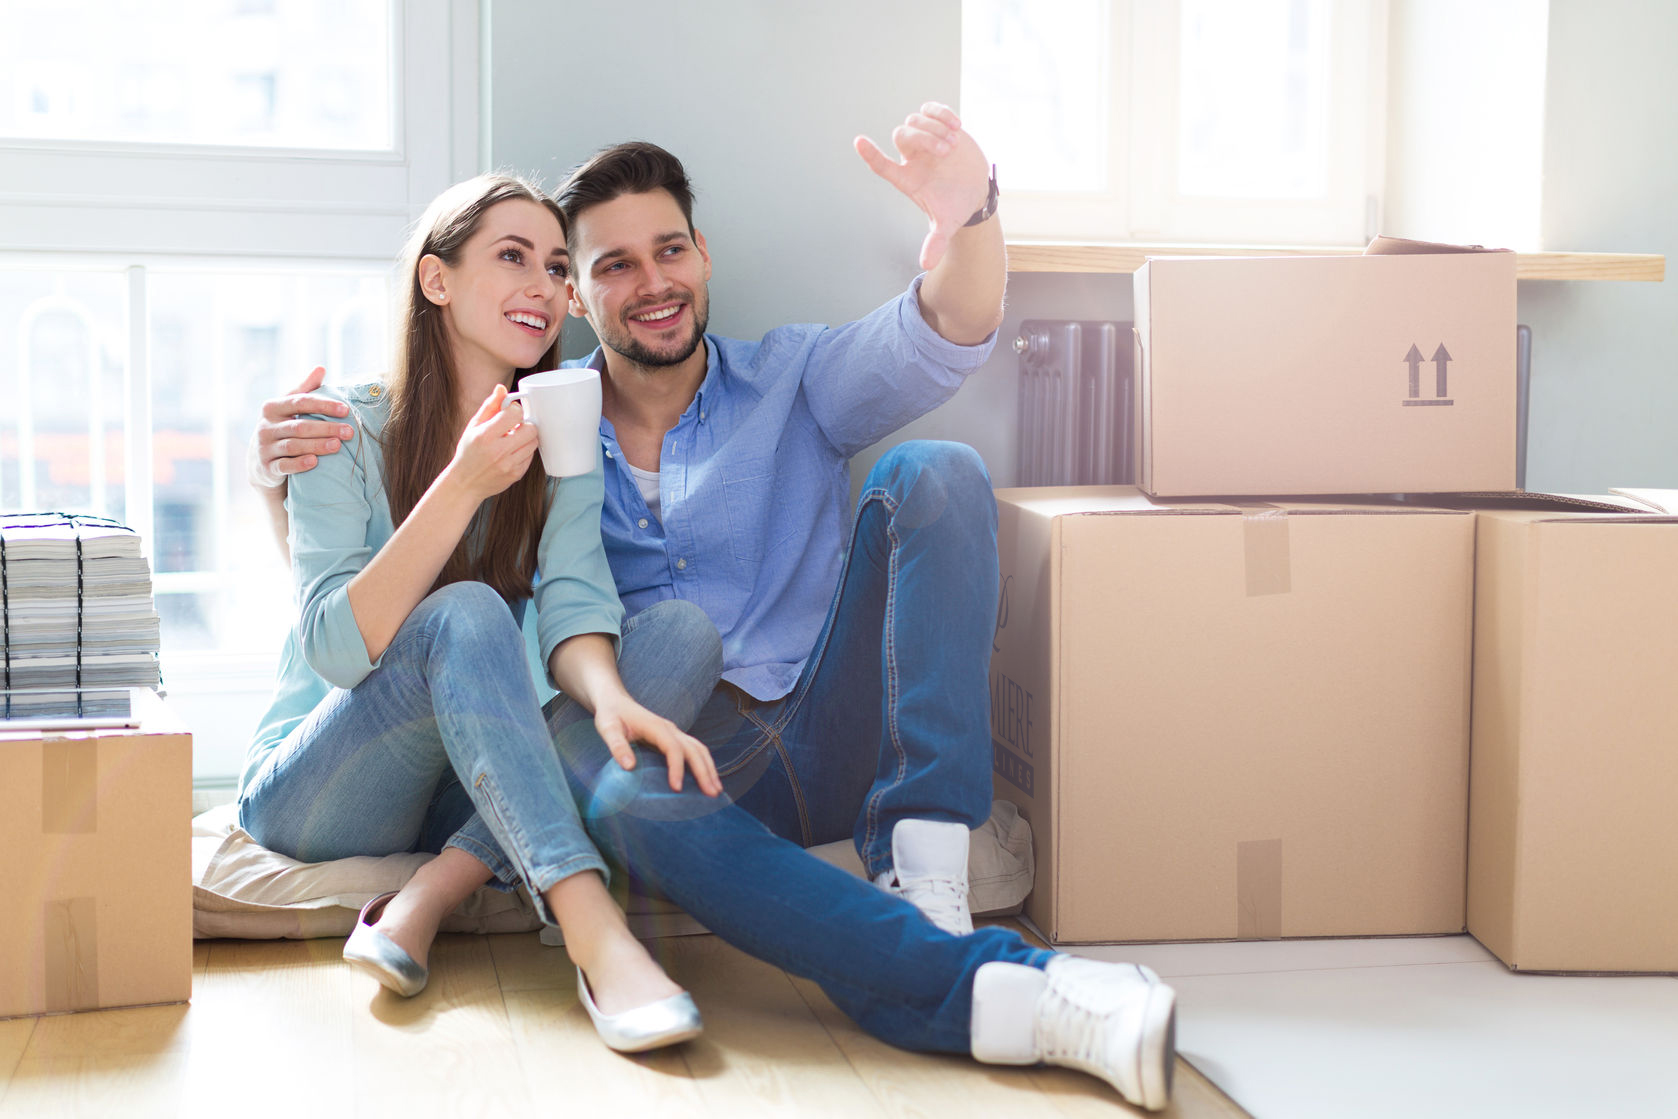 Аренда квартир в крупных регионах не подорожает